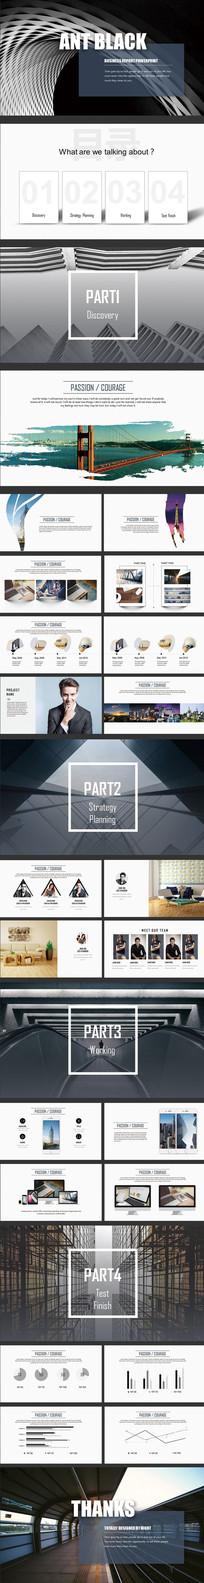 简单色彩公司介绍PPT模板